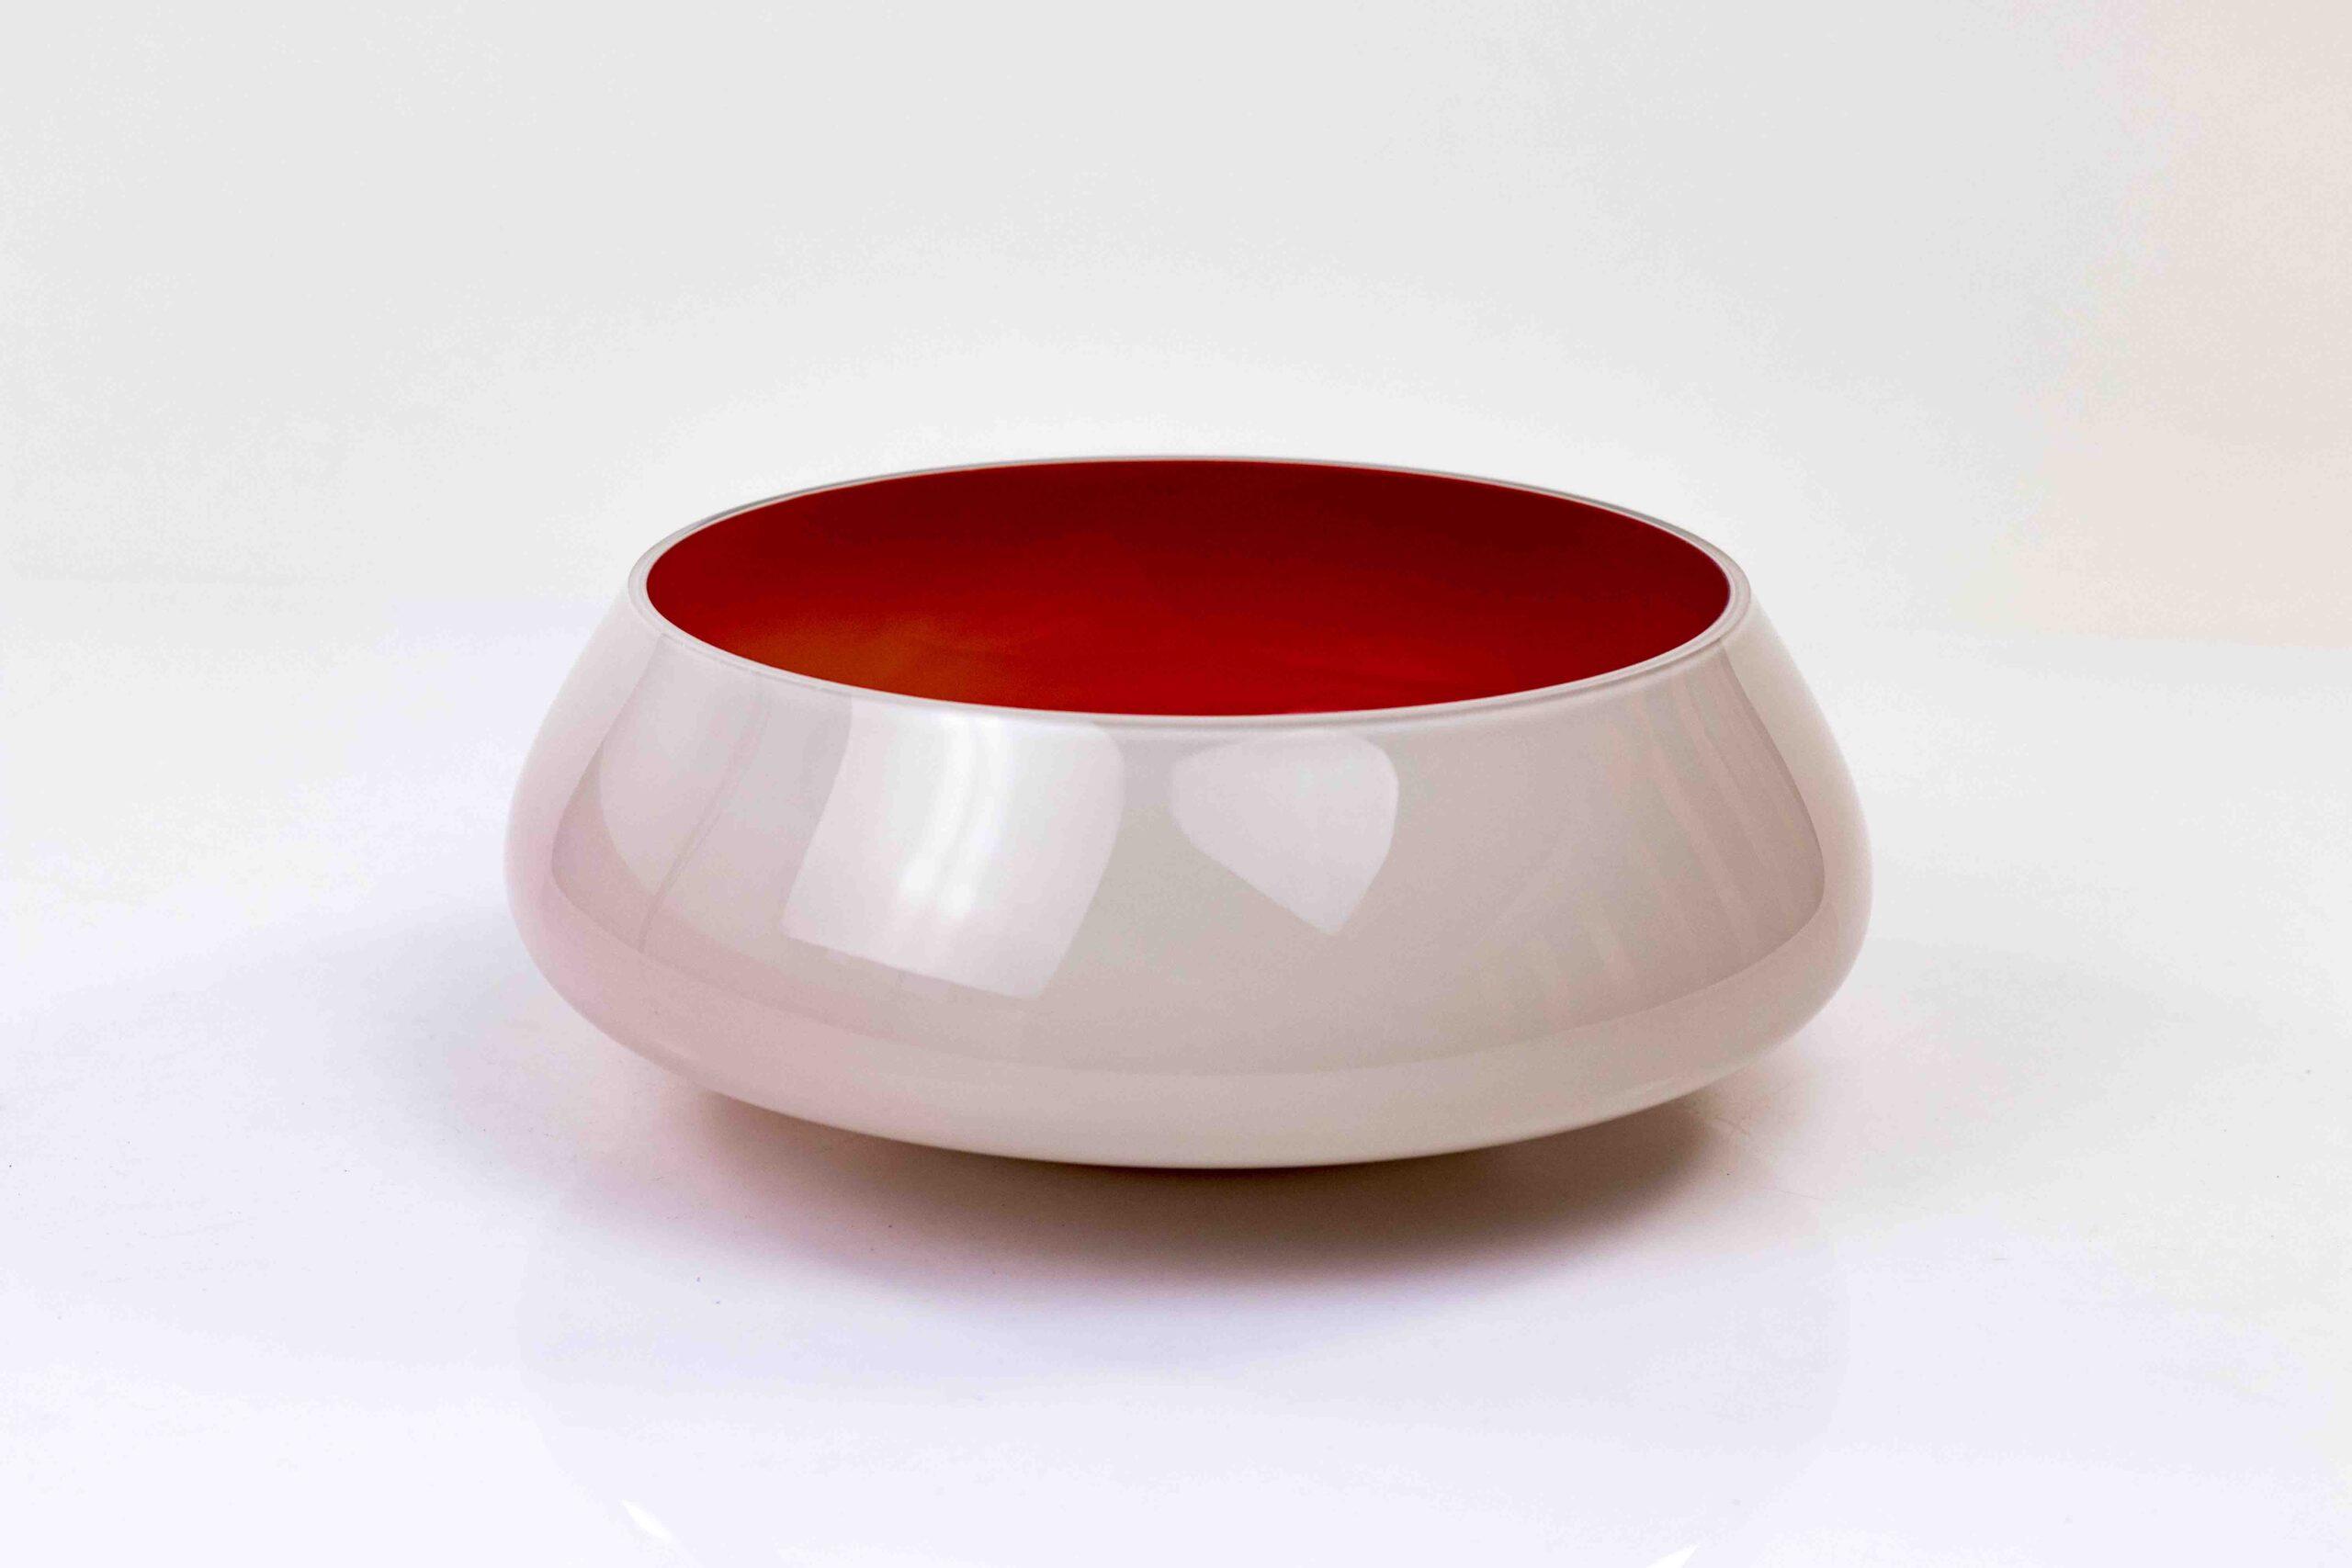 fruitschaal met rode binnenkant,